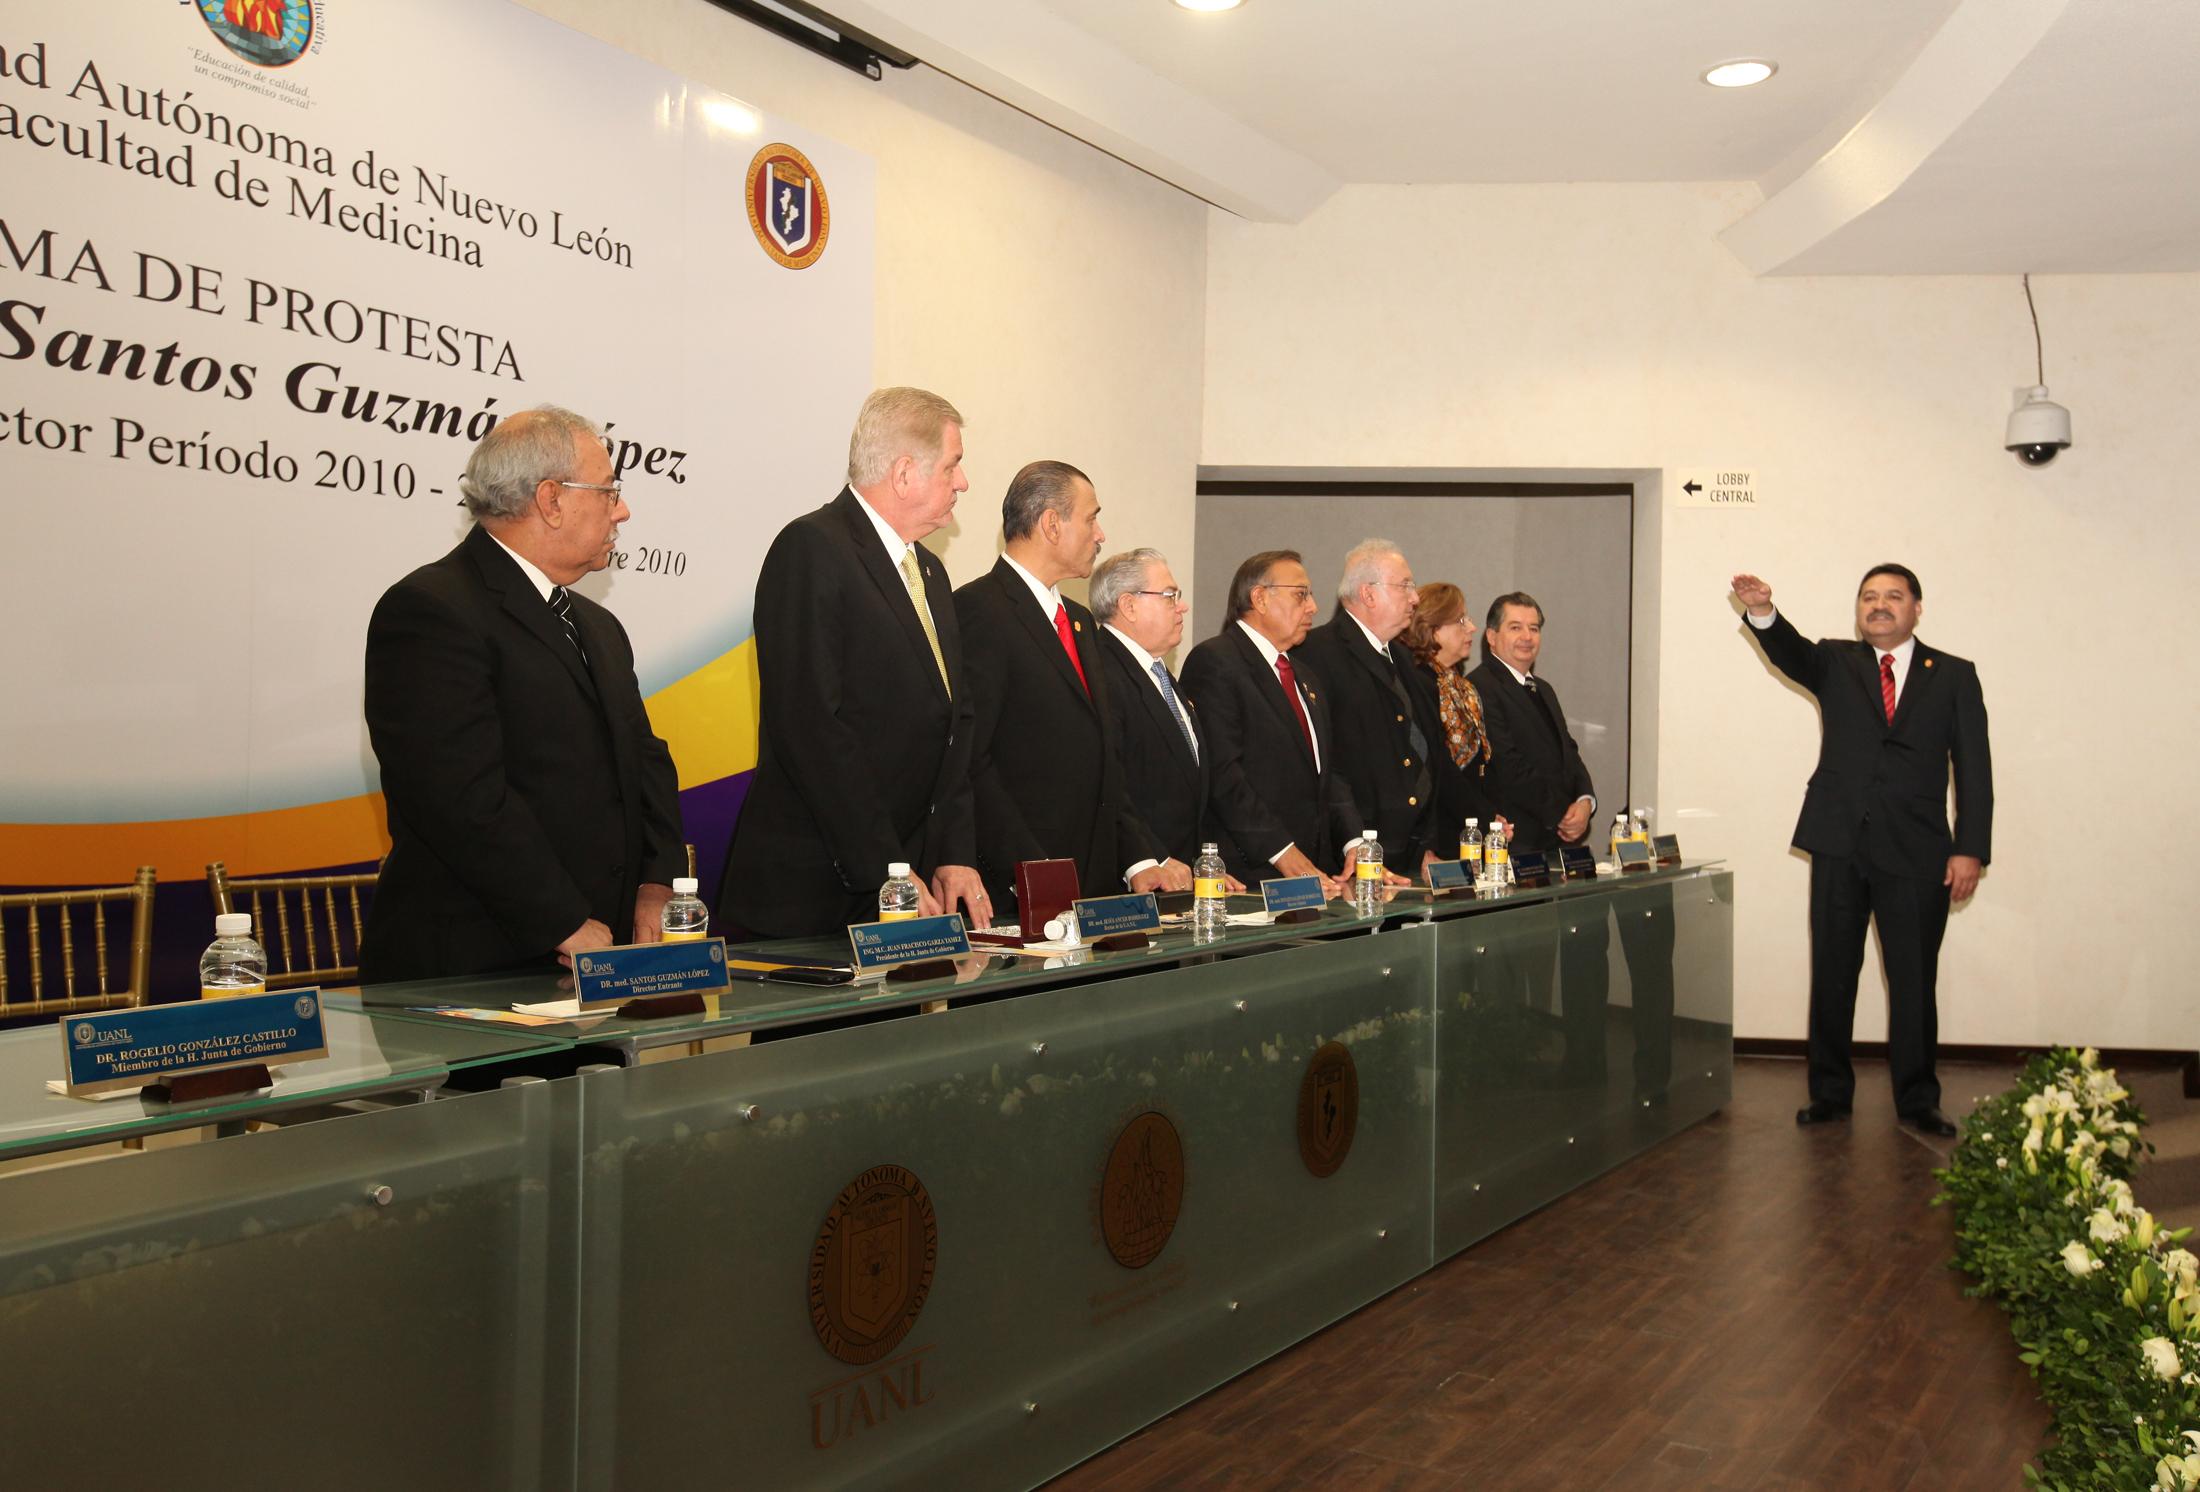 Toma de protesta de Santos Guzmán López como Director de la Facultad de Medicina y Hospital Universitario